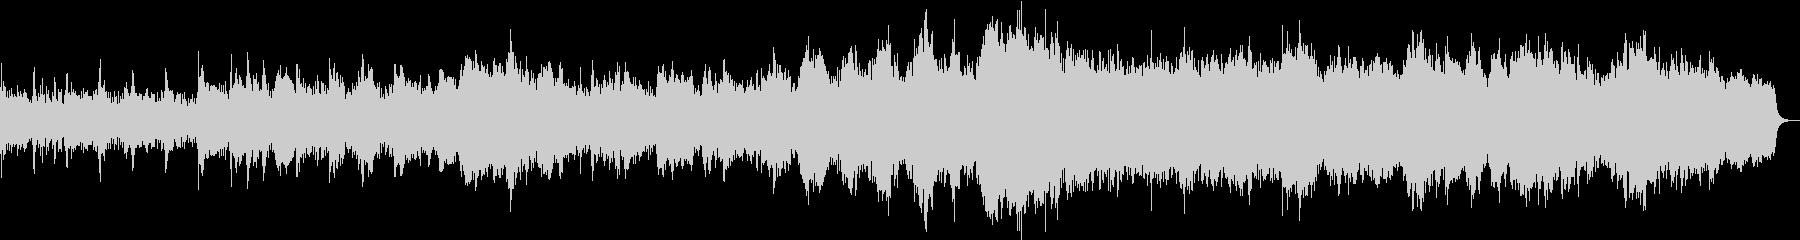 印象的なストリングスの切ないバラードの未再生の波形